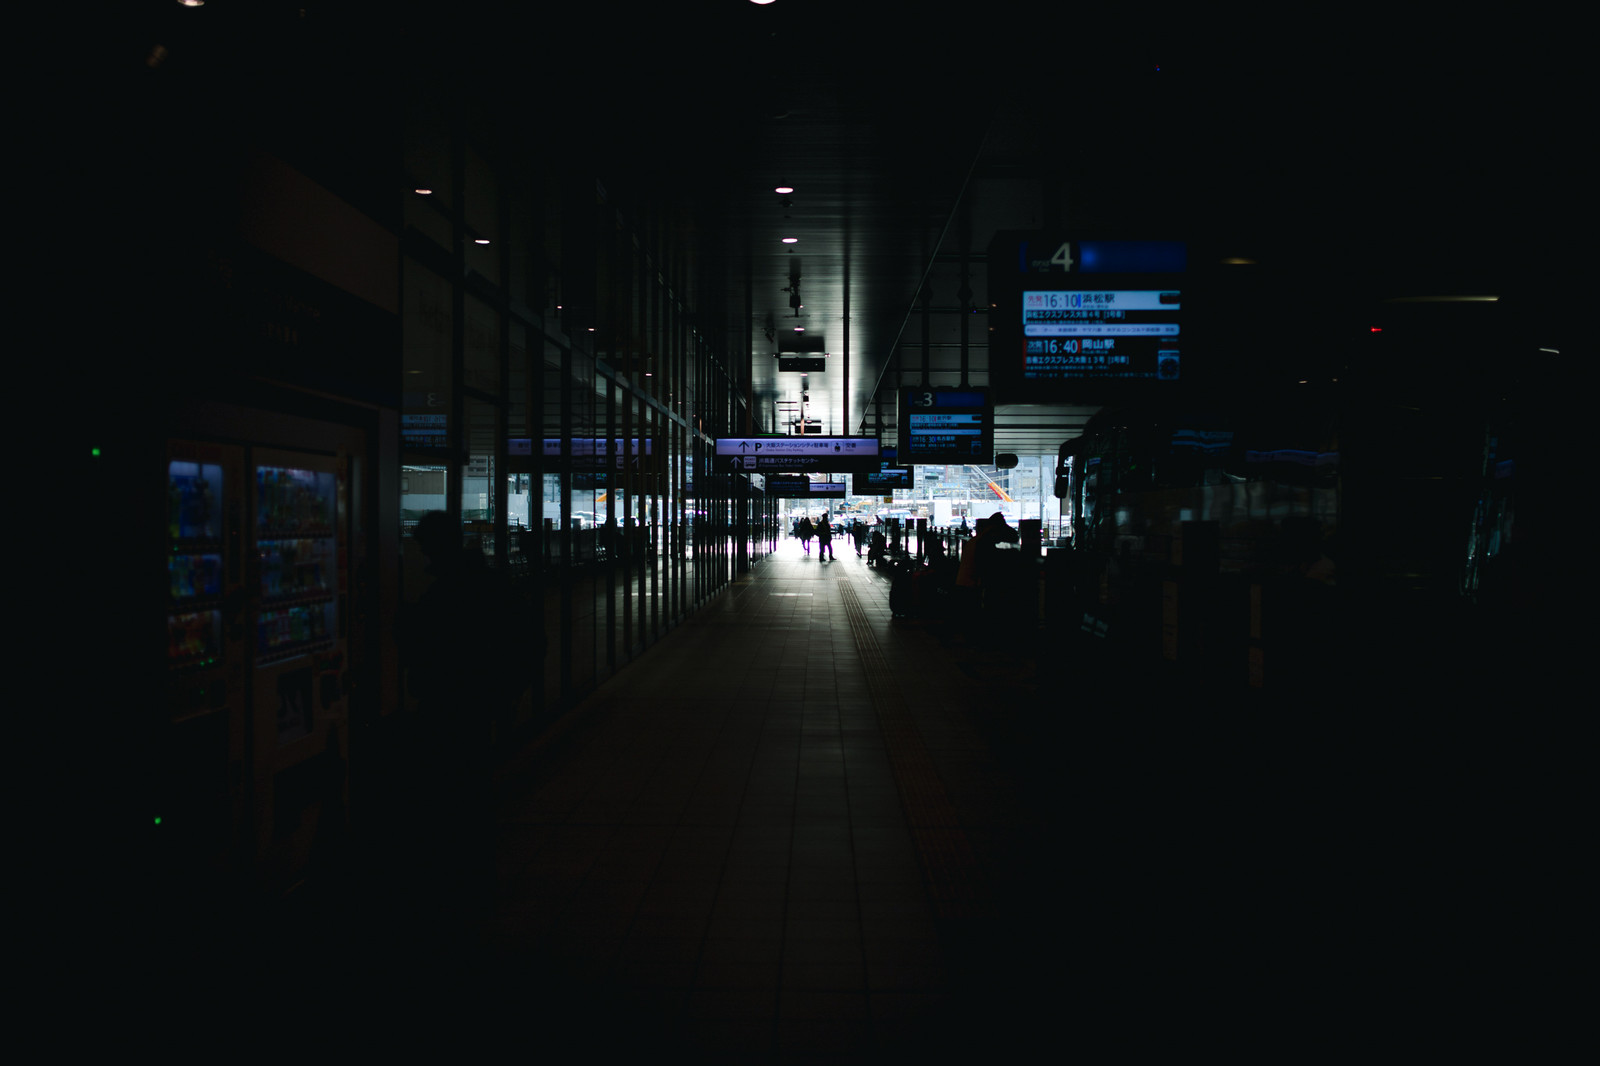 「バスターミナルの歩道」の写真